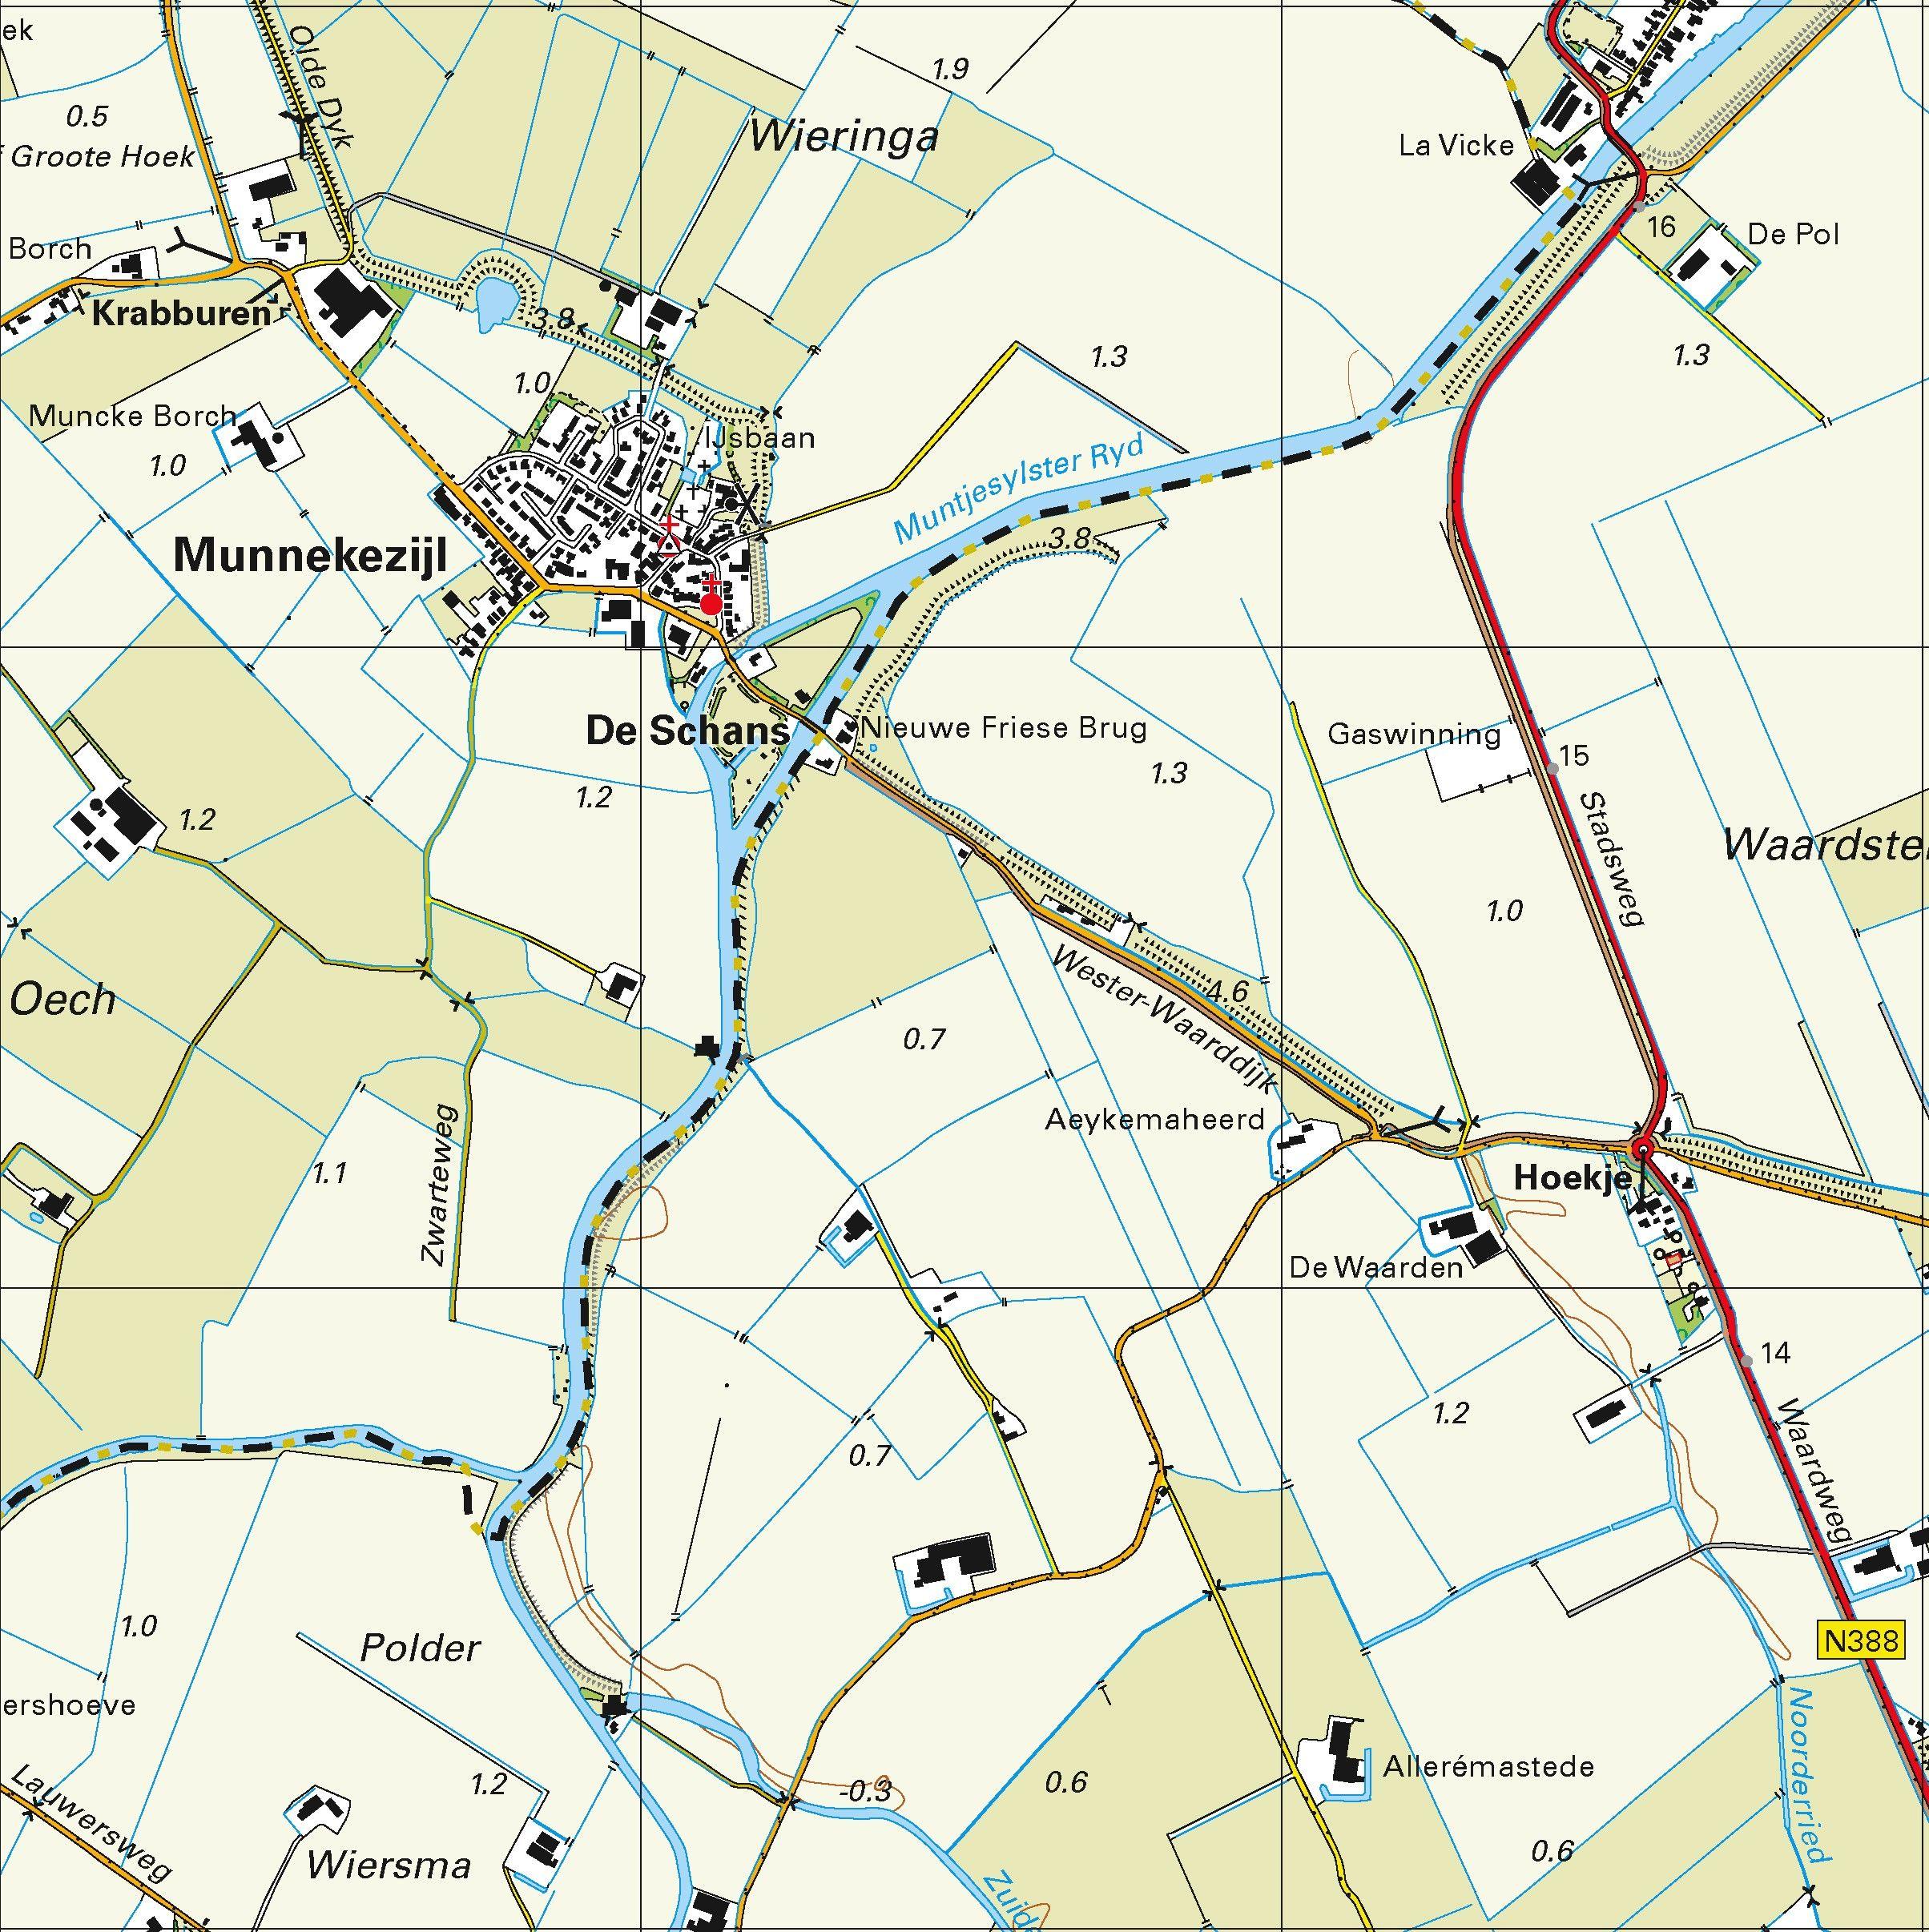 Topografische kaart schaal 1:25.000 (Schiermonnikoog, Anjum, Kollum, Munnekezijl, Zoutkamp)